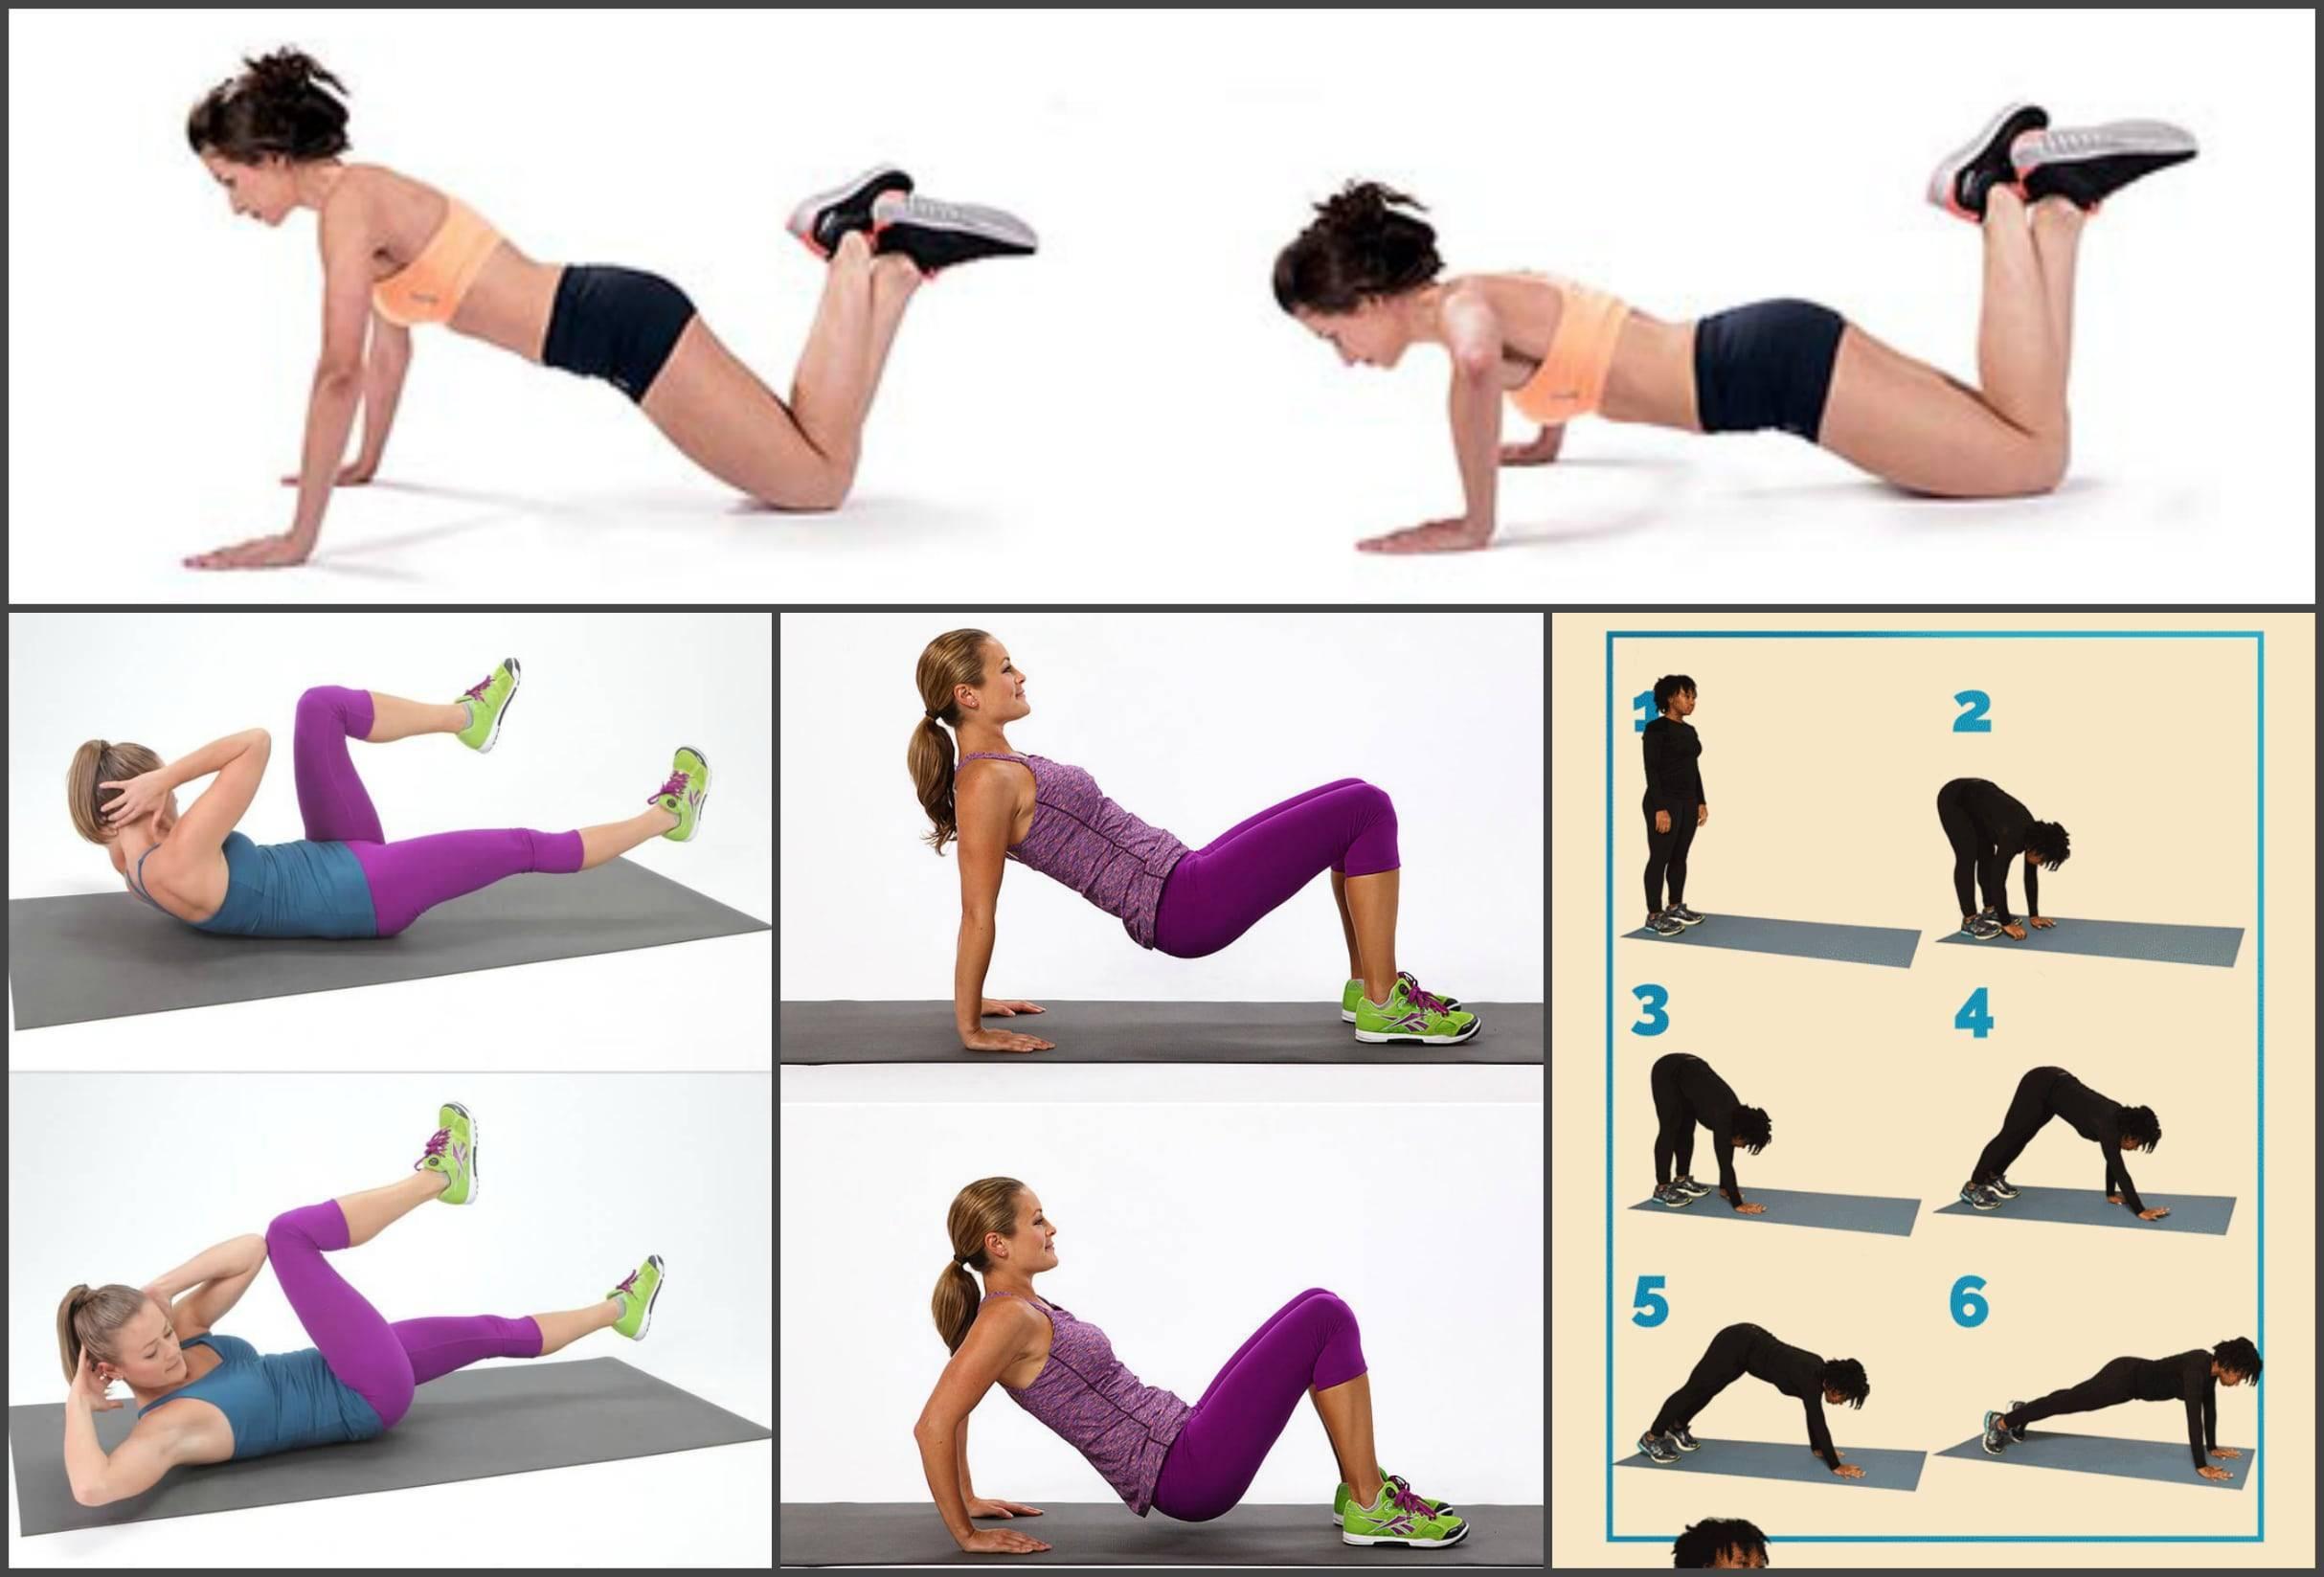 Пресс после родов: когда можно начинать упражнения для подтяжки мышц живота